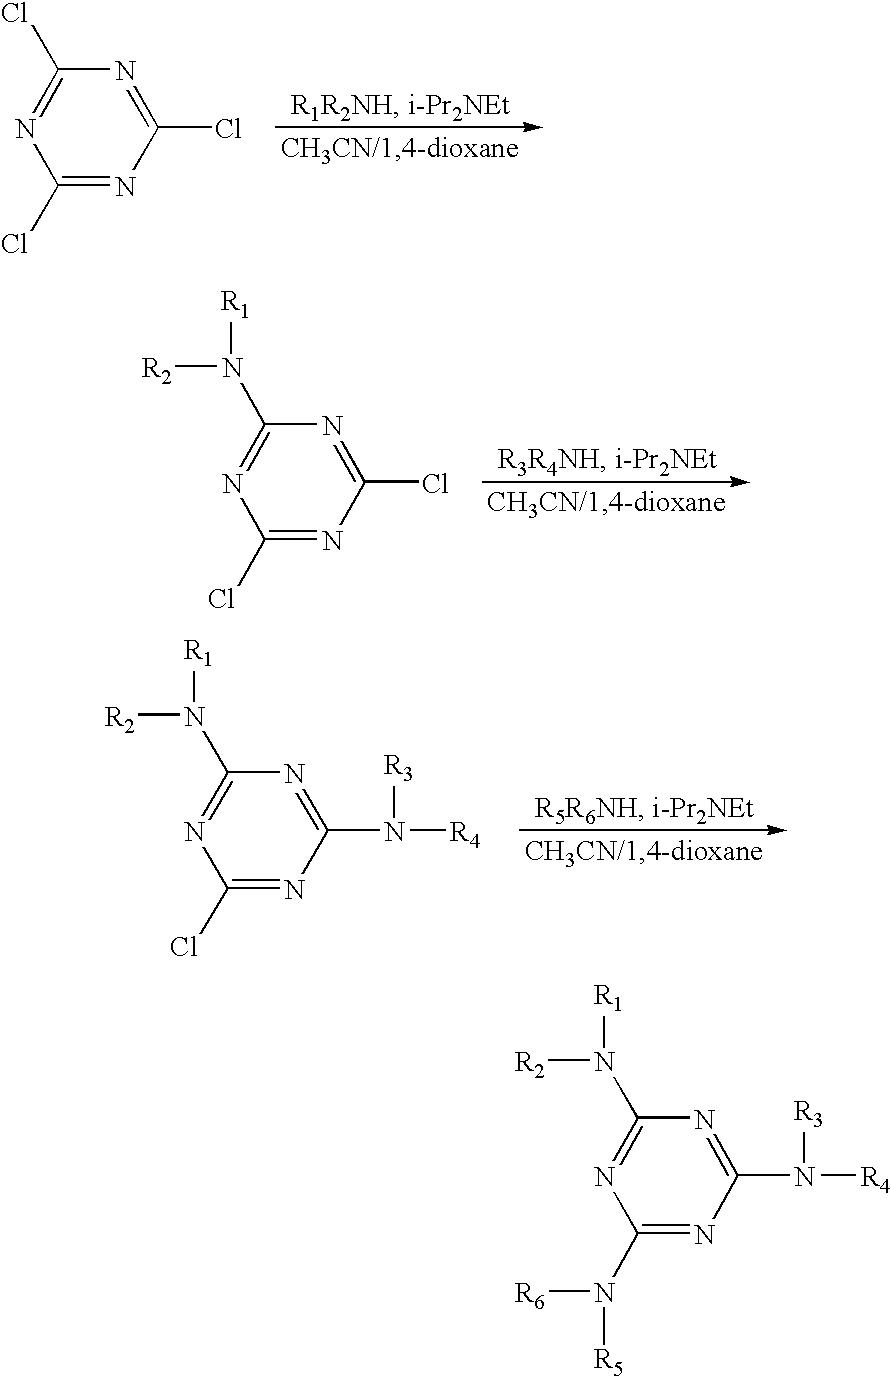 Figure US20050113341A1-20050526-C00026